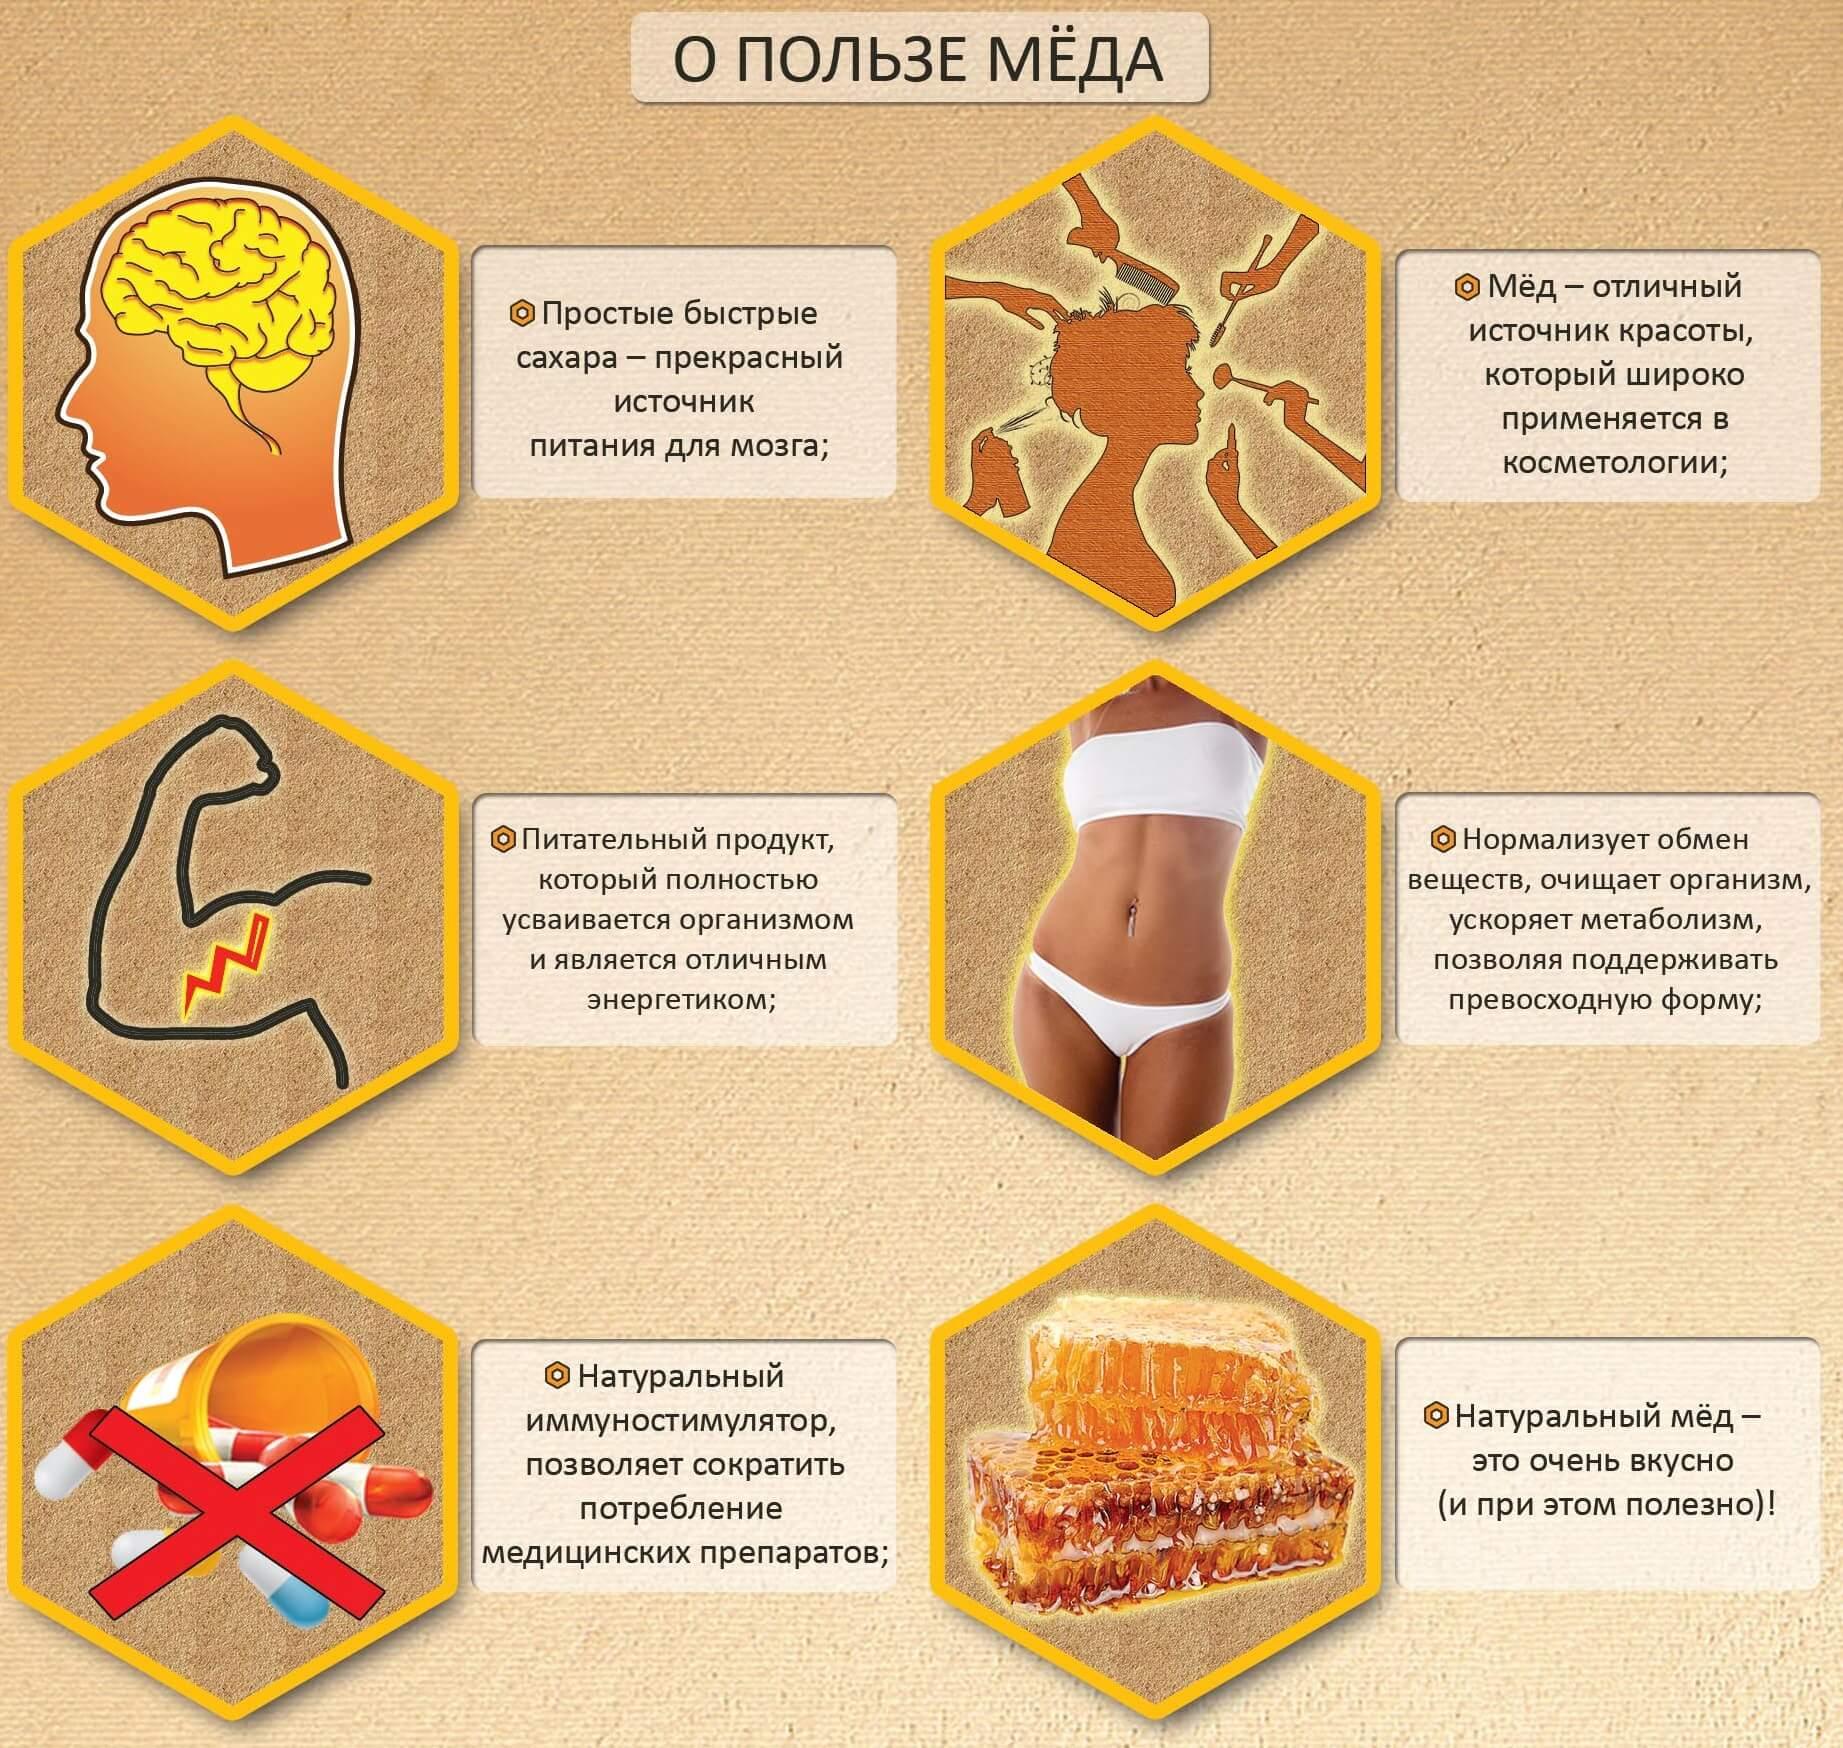 Мед отличный источник красоты, здоровья